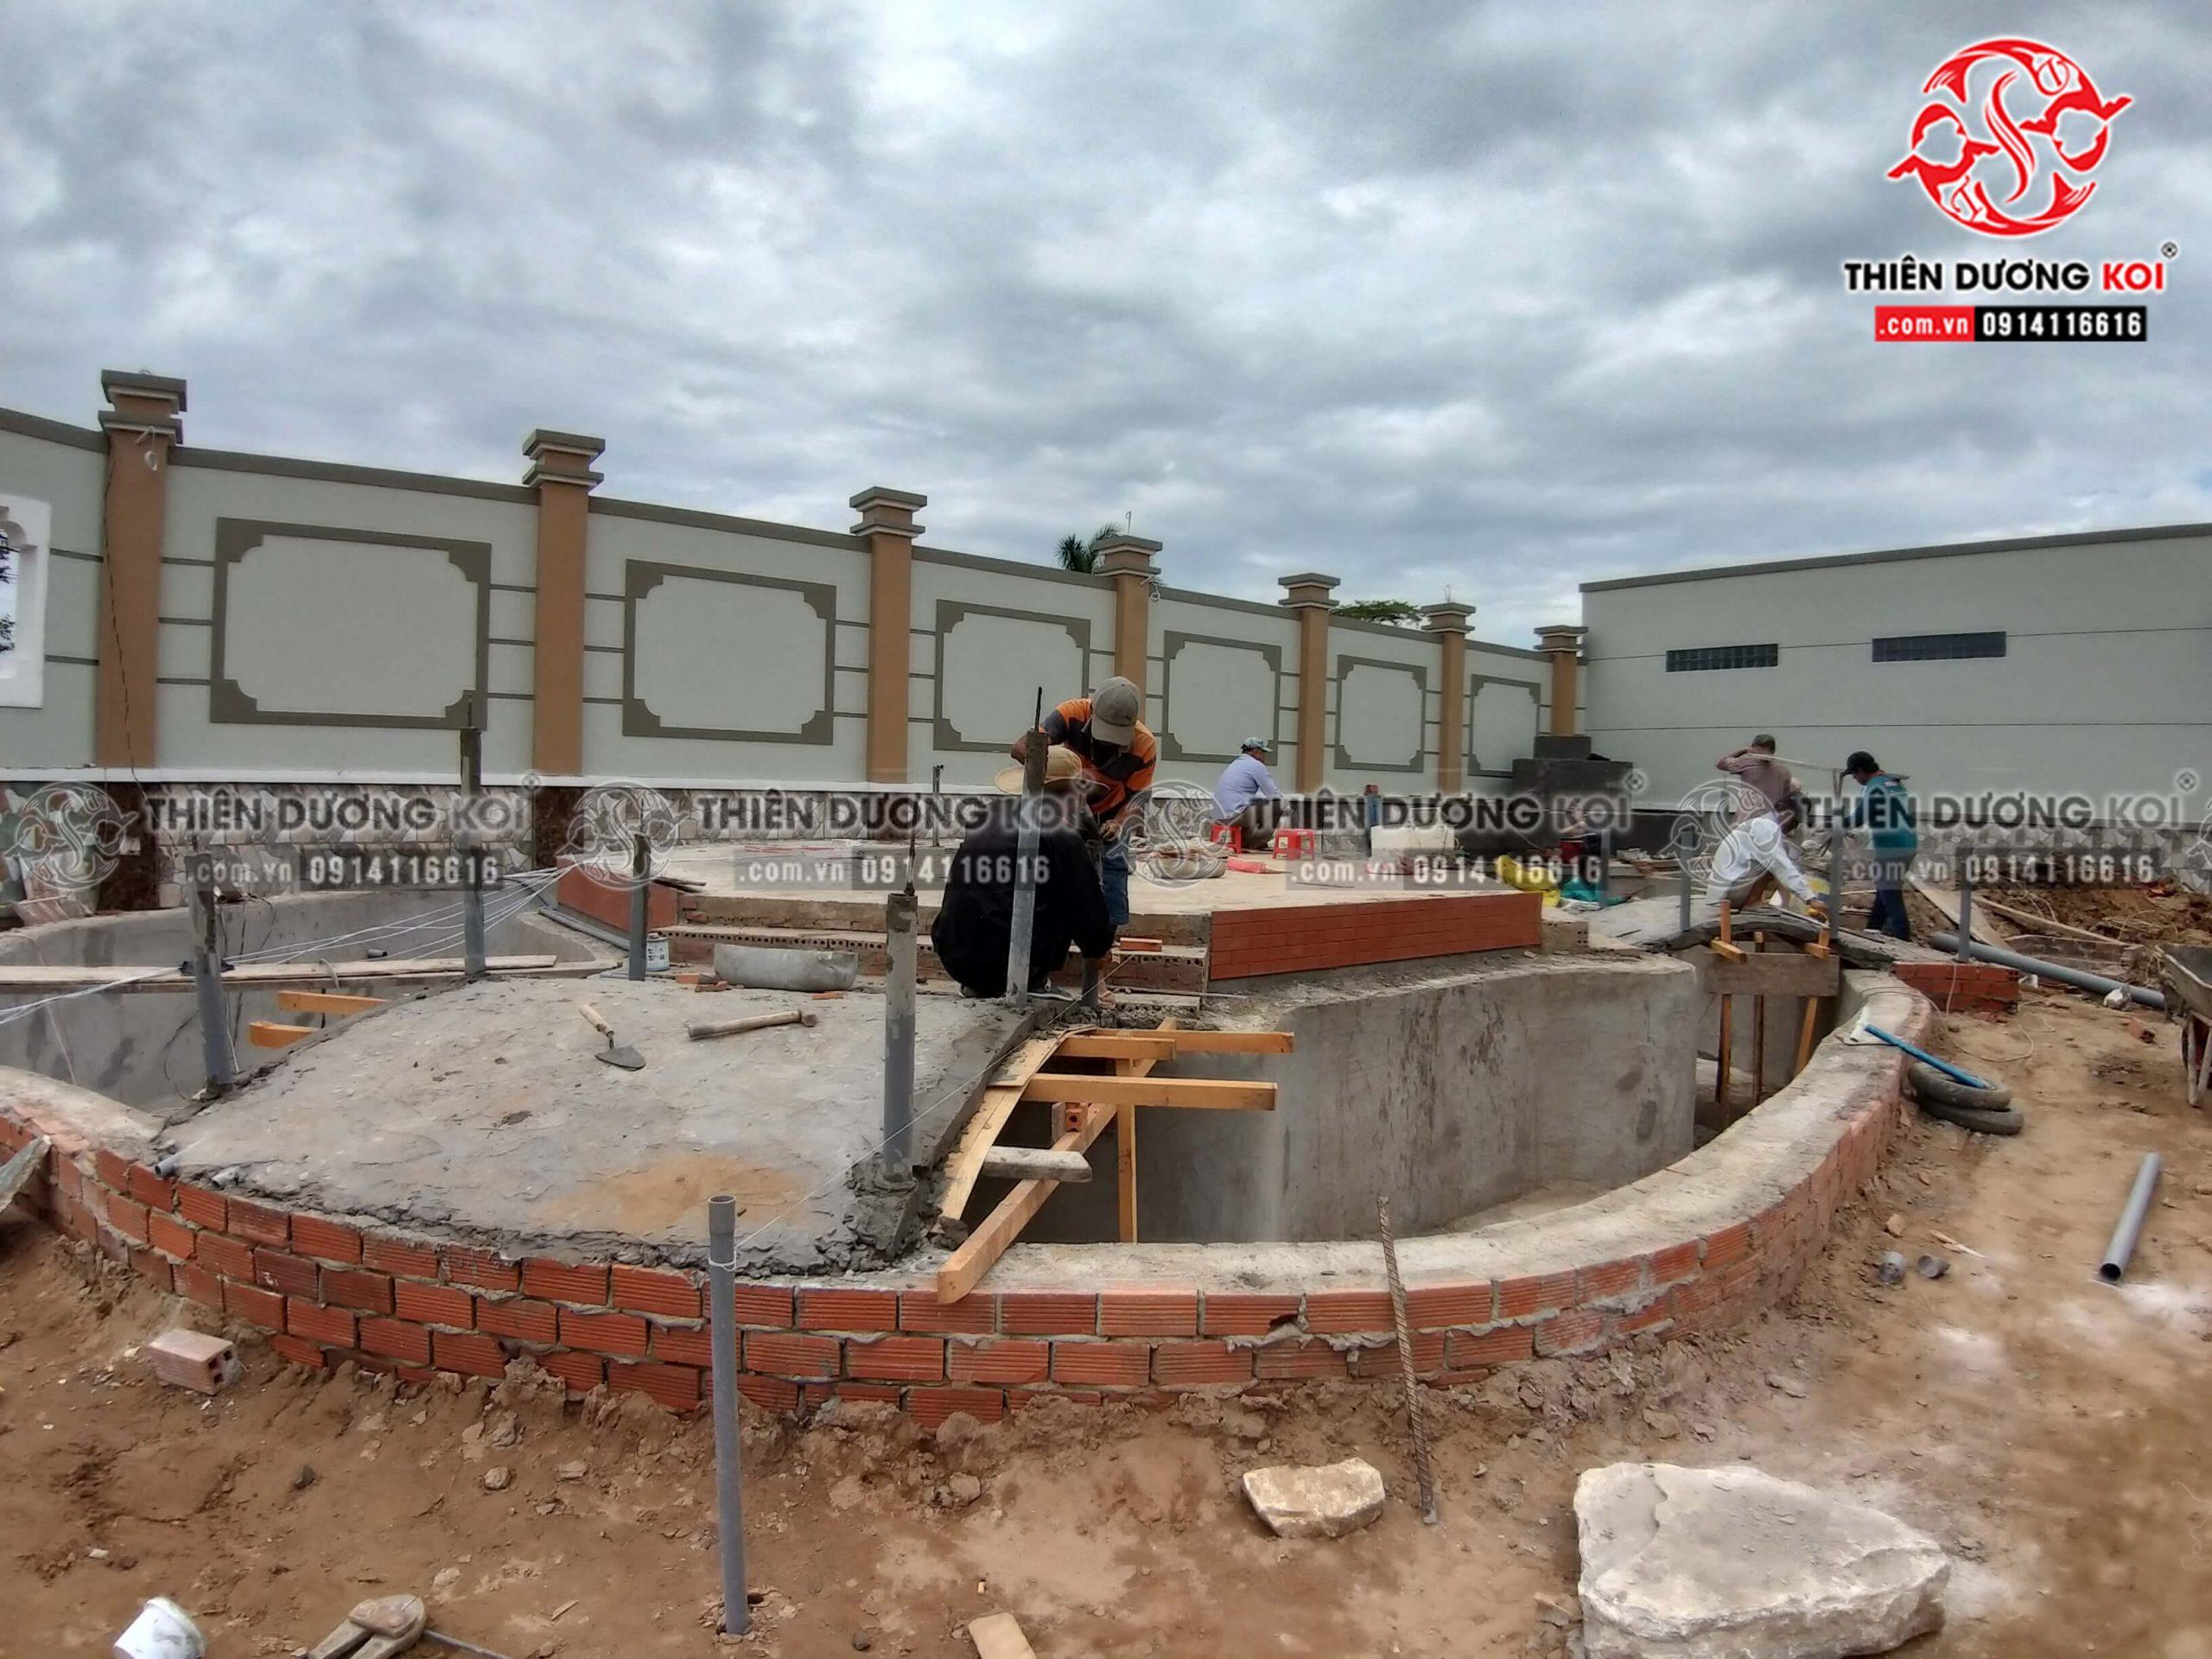 Quá trình xây dựng công trình hồ cá koi